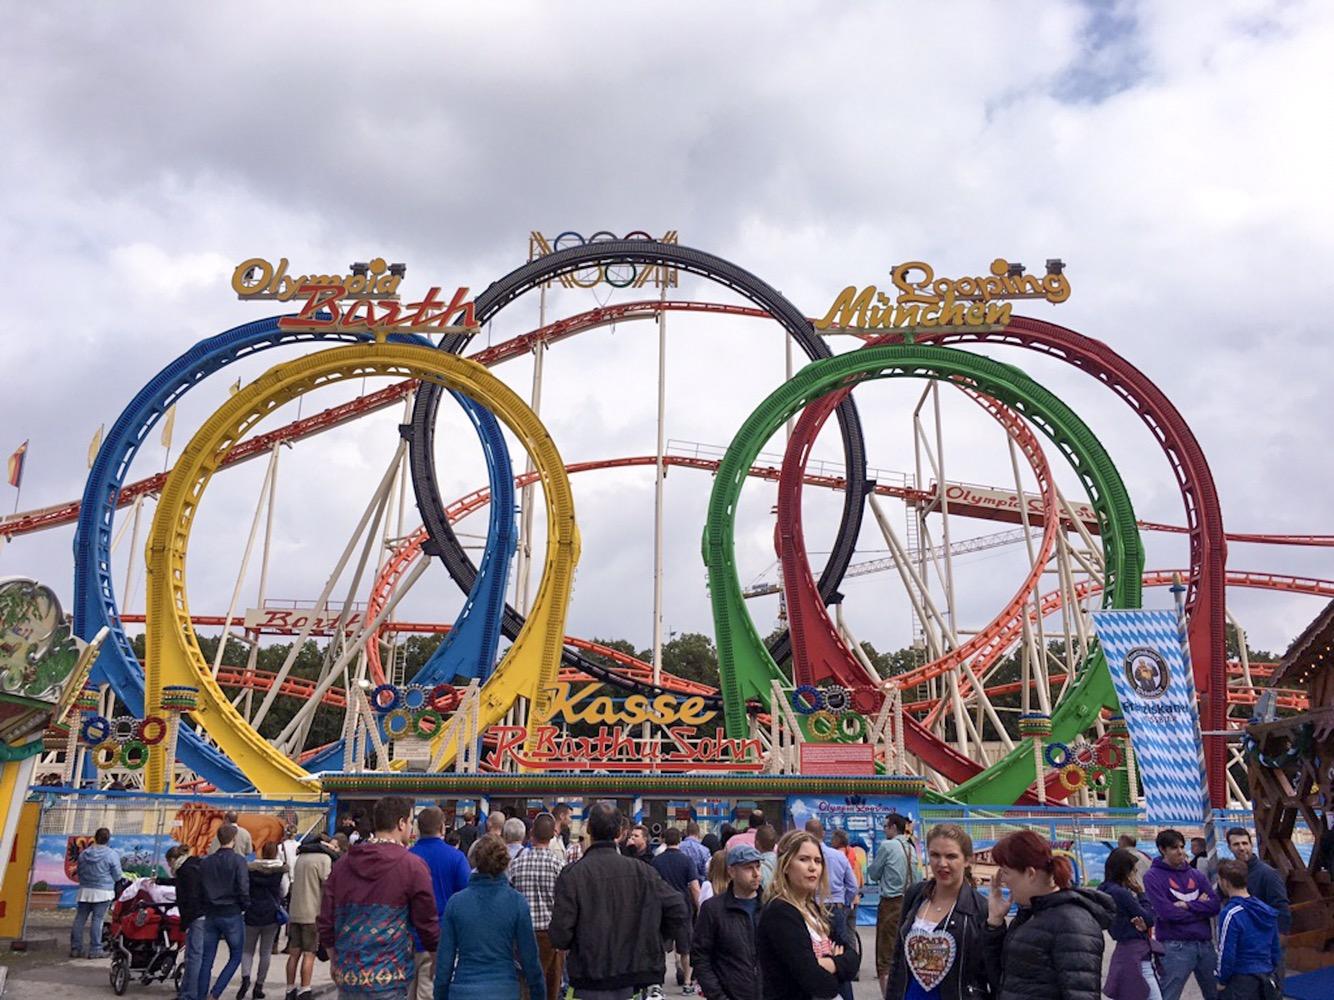 Rollercoaster at Oktoberfest